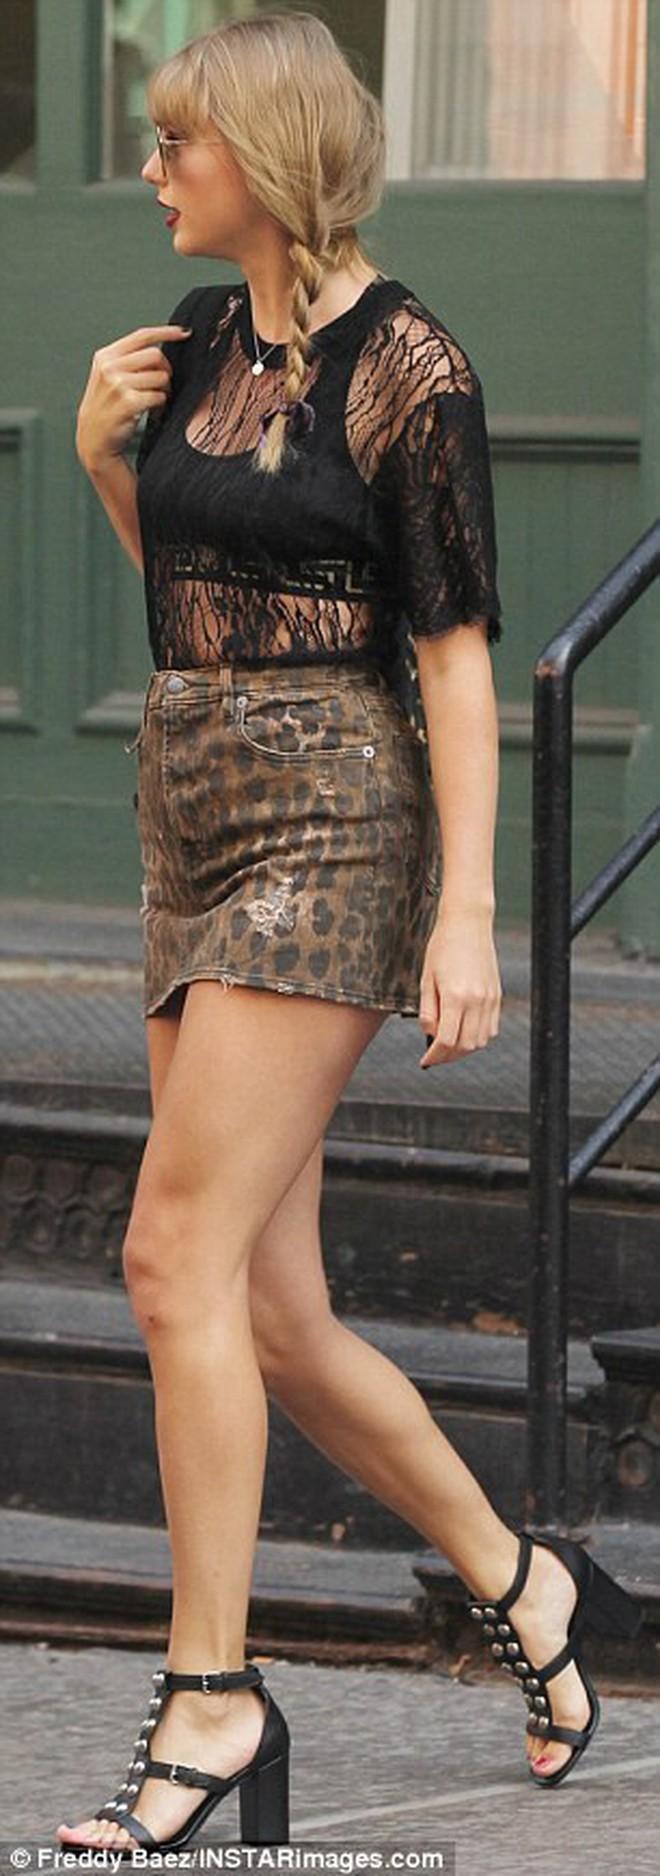 """Diện váy siêu ngắn, Taylor Swift làm fan nơm nớp lo cô bị """"lộ hàng"""" khi bước xuống bậc thang - Ảnh 4."""